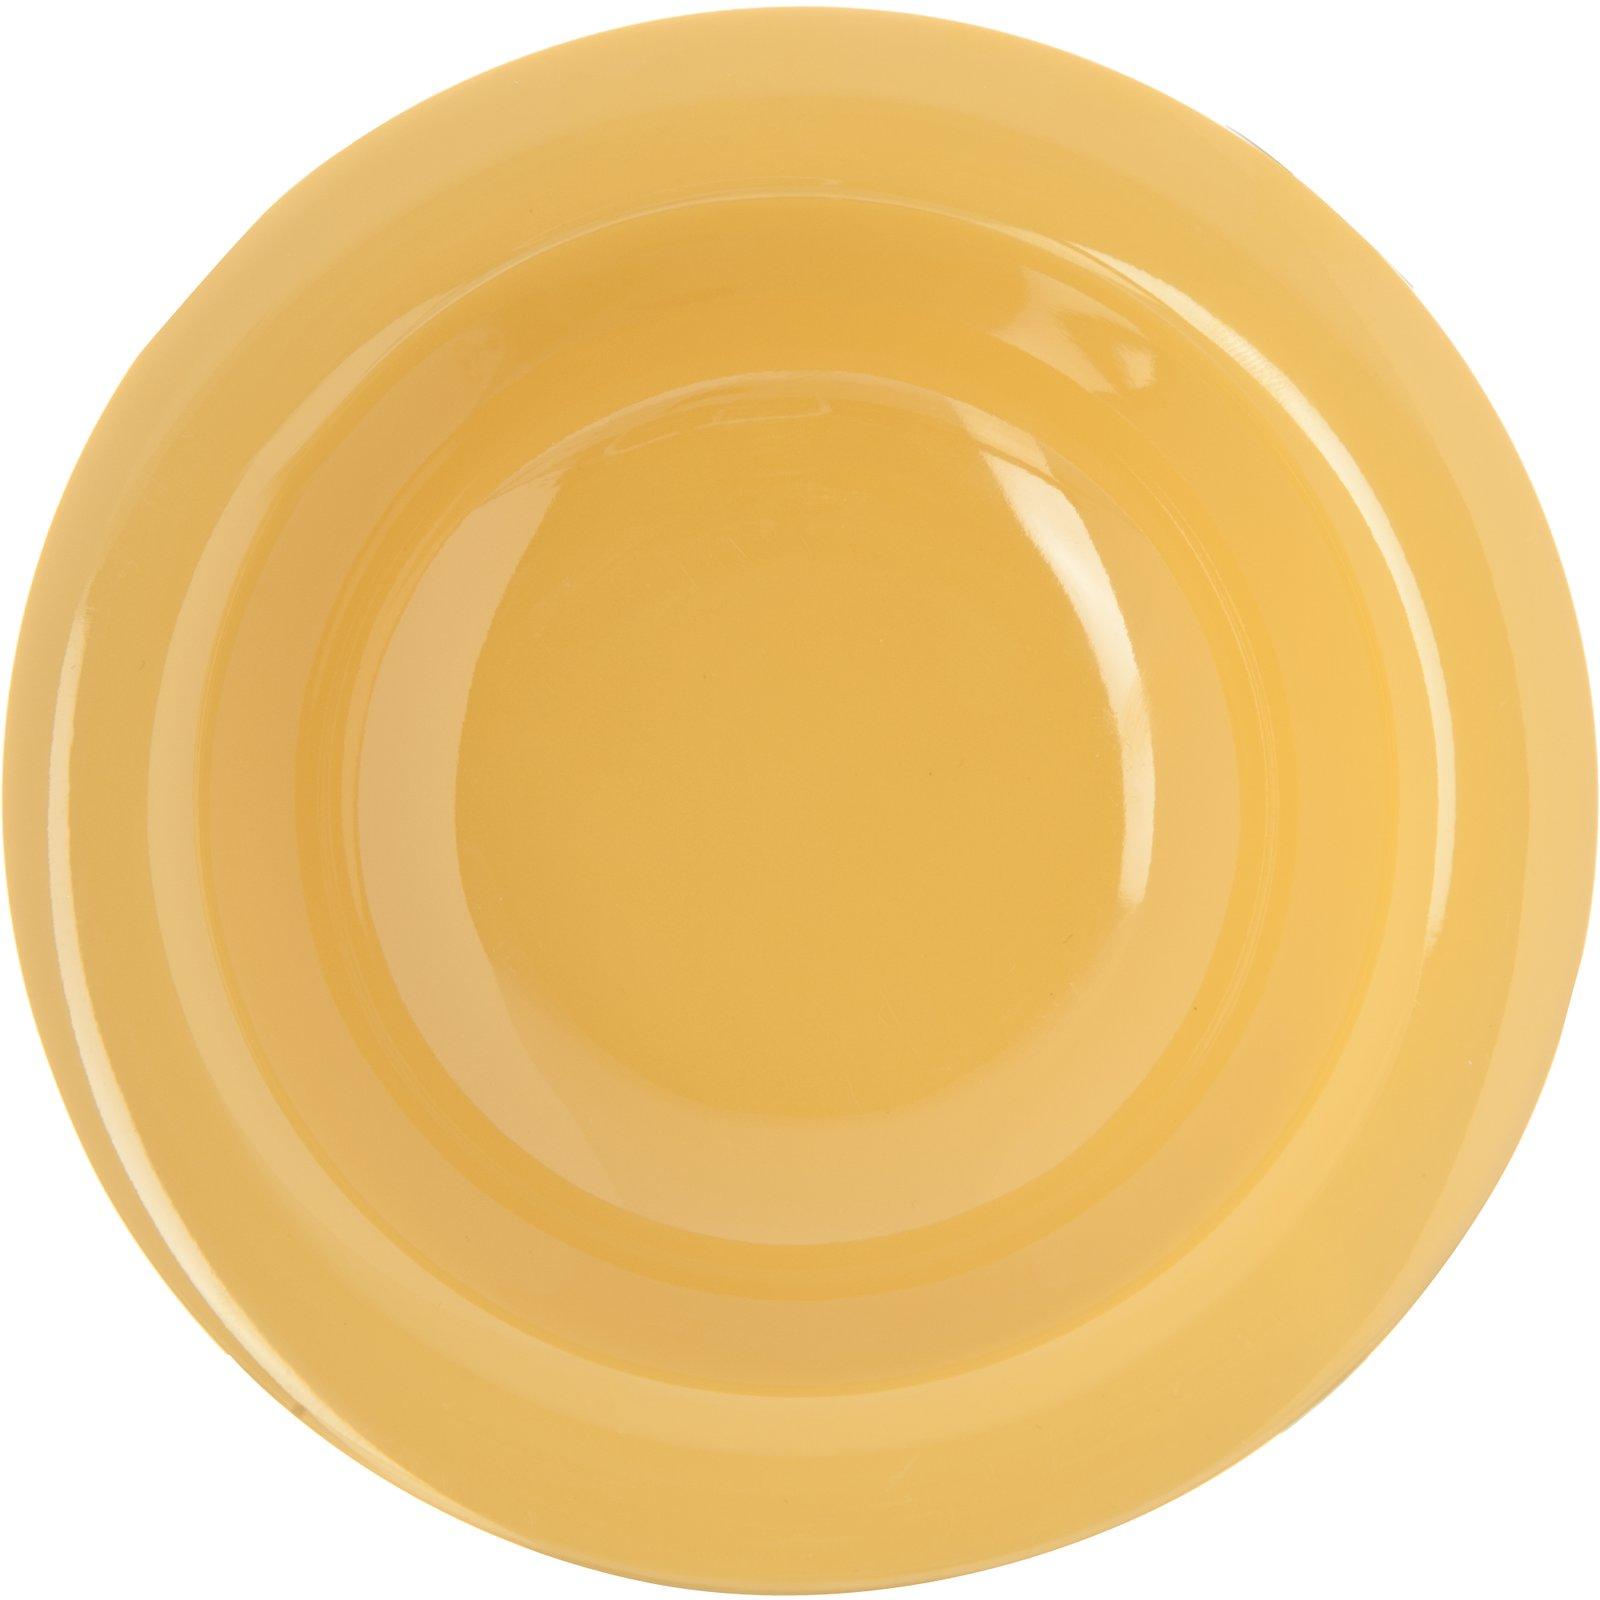 ... 4304222 - Durus® Melamine Rimmed Fruit Bowl 4.5 oz - Honey Yellow  sc 1 st  Carlisle FoodService Products & 4304222 - Durus® Melamine Rimmed Fruit Bowl 4.5 oz - Honey Yellow ...